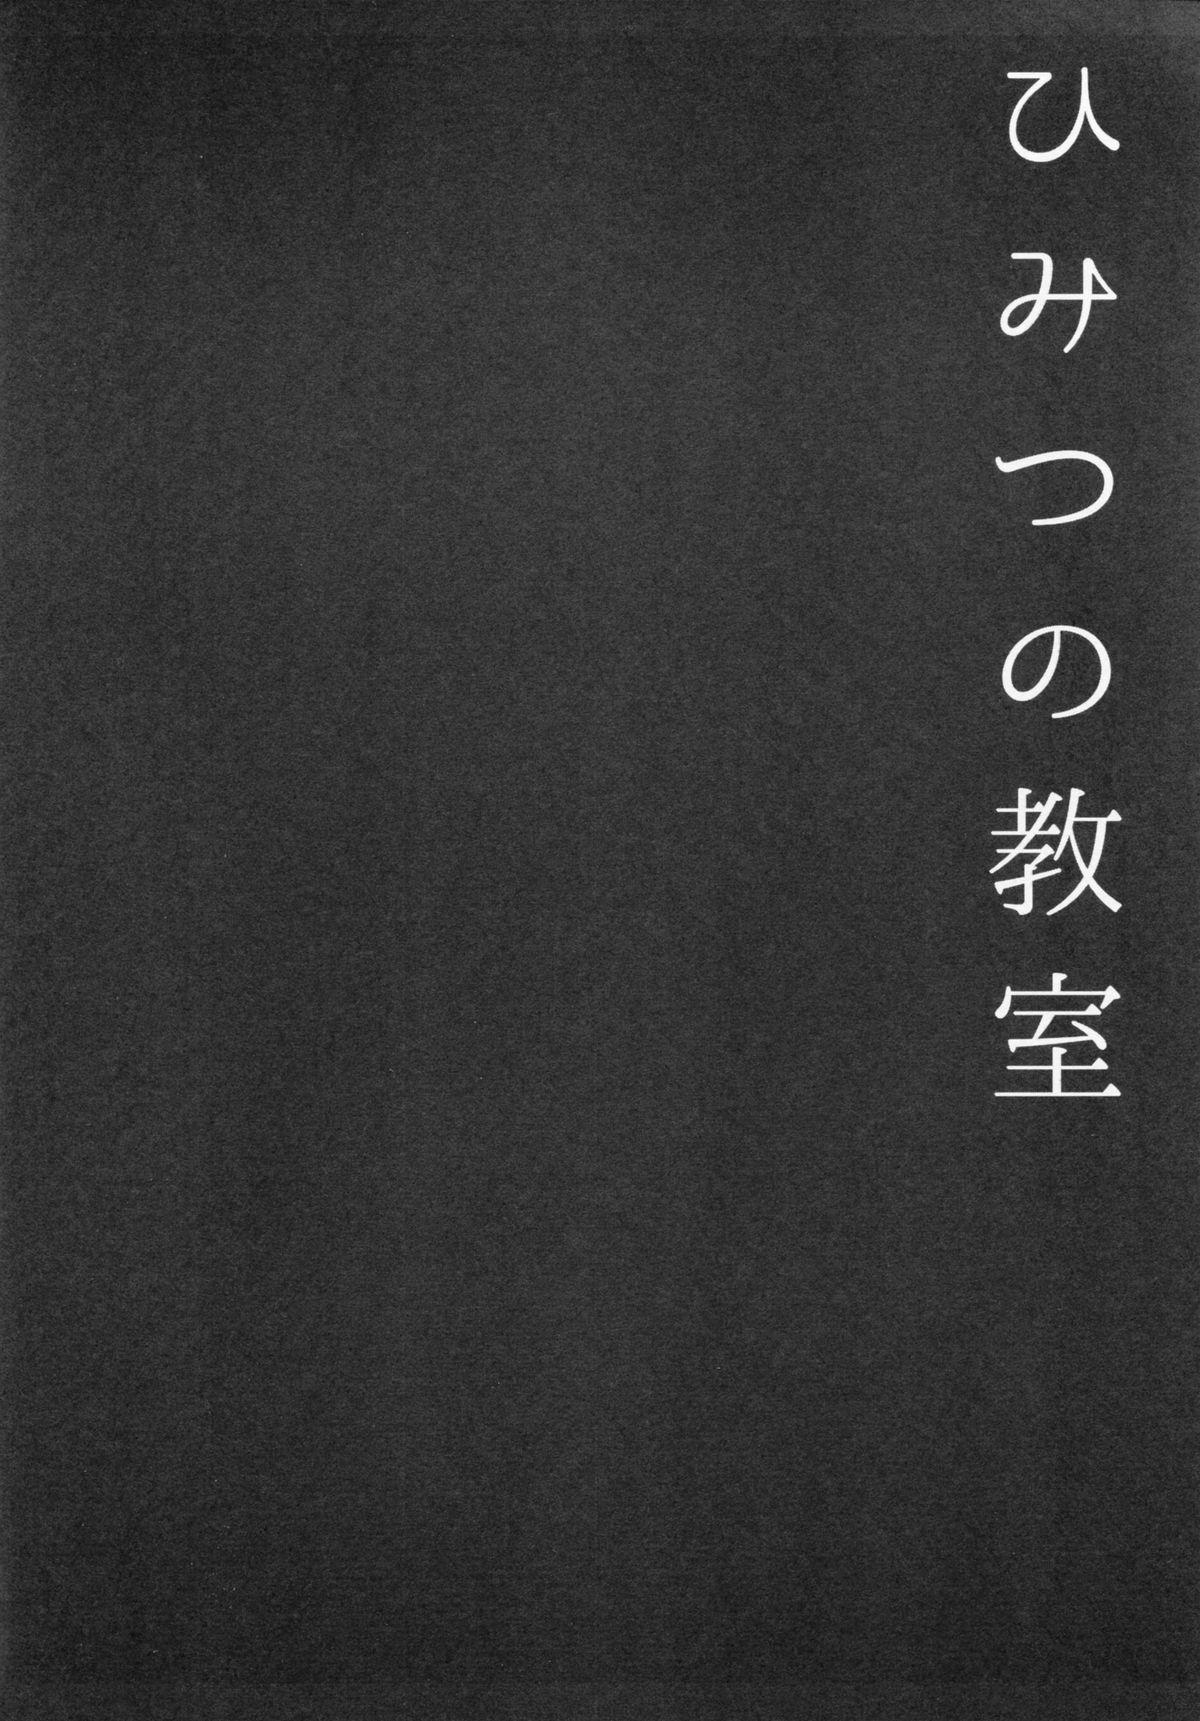 Himitsu no Kyoushitsu 2